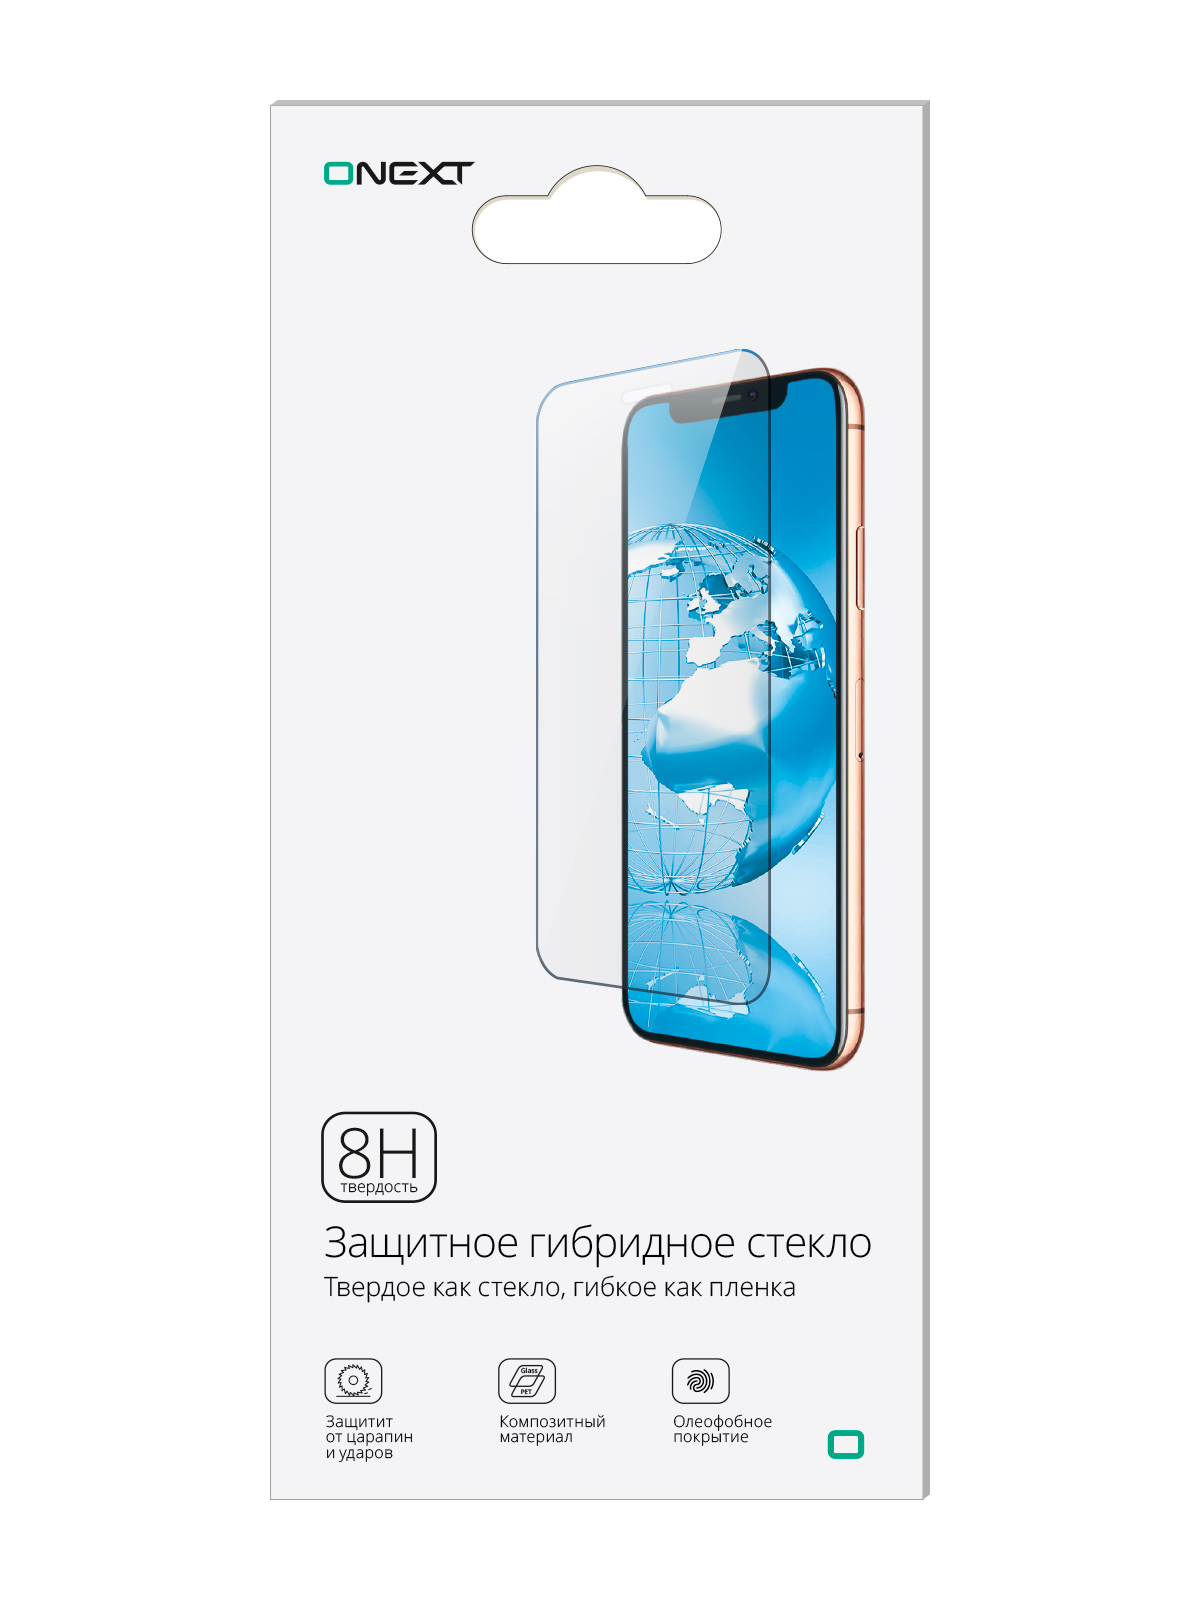 Защитное стекло ONEXT для Huawei P20 Lite (2018)